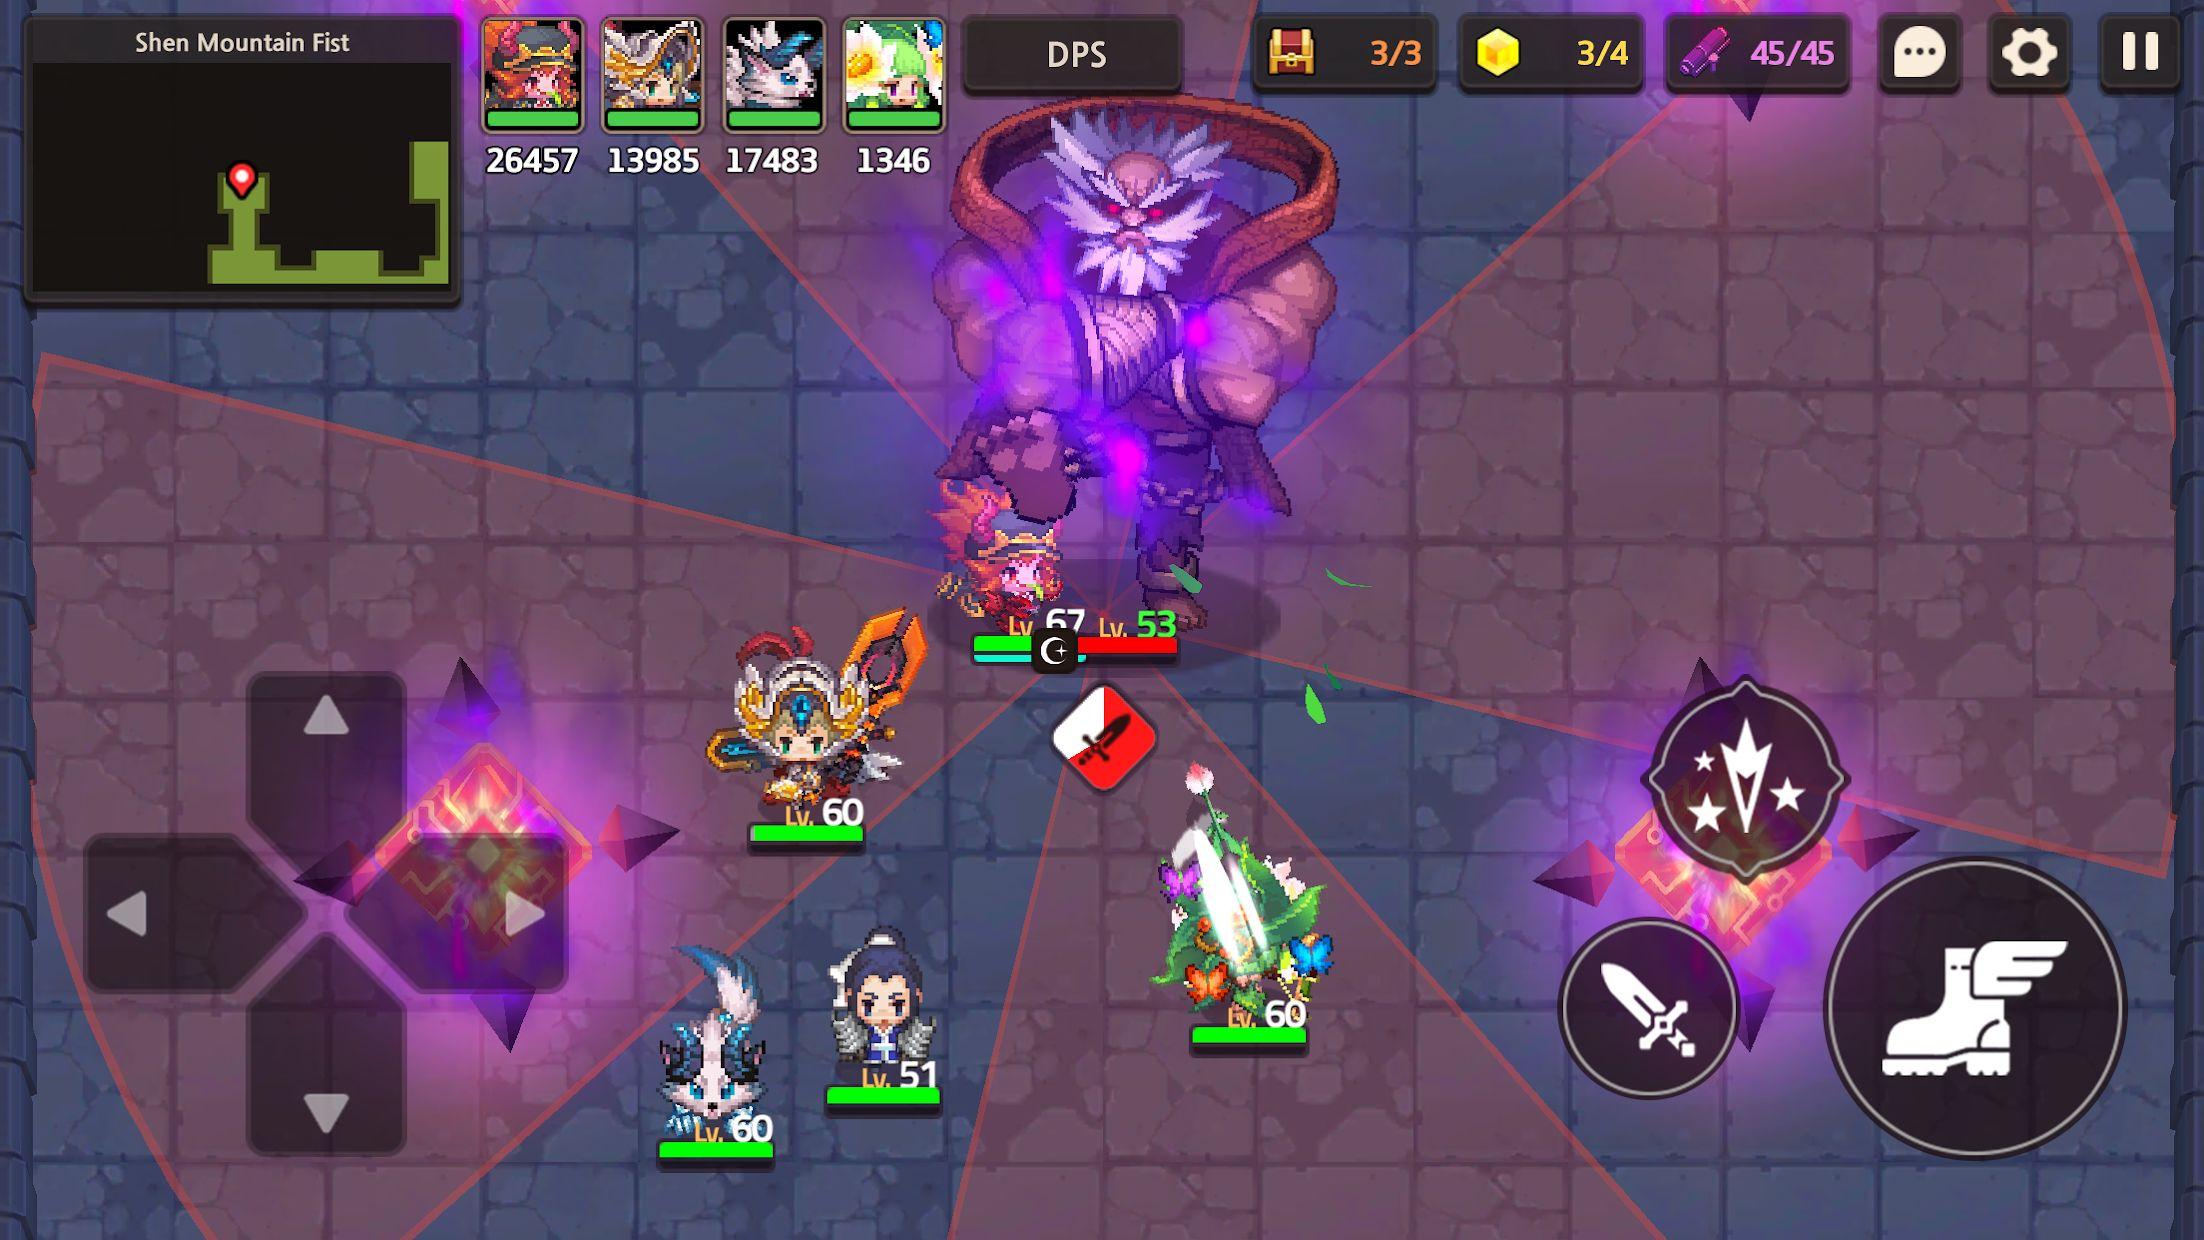 坎特伯雷公主与骑士唤醒冠军之剑的奇幻冒险(台服 守护者传说) 游戏截图3